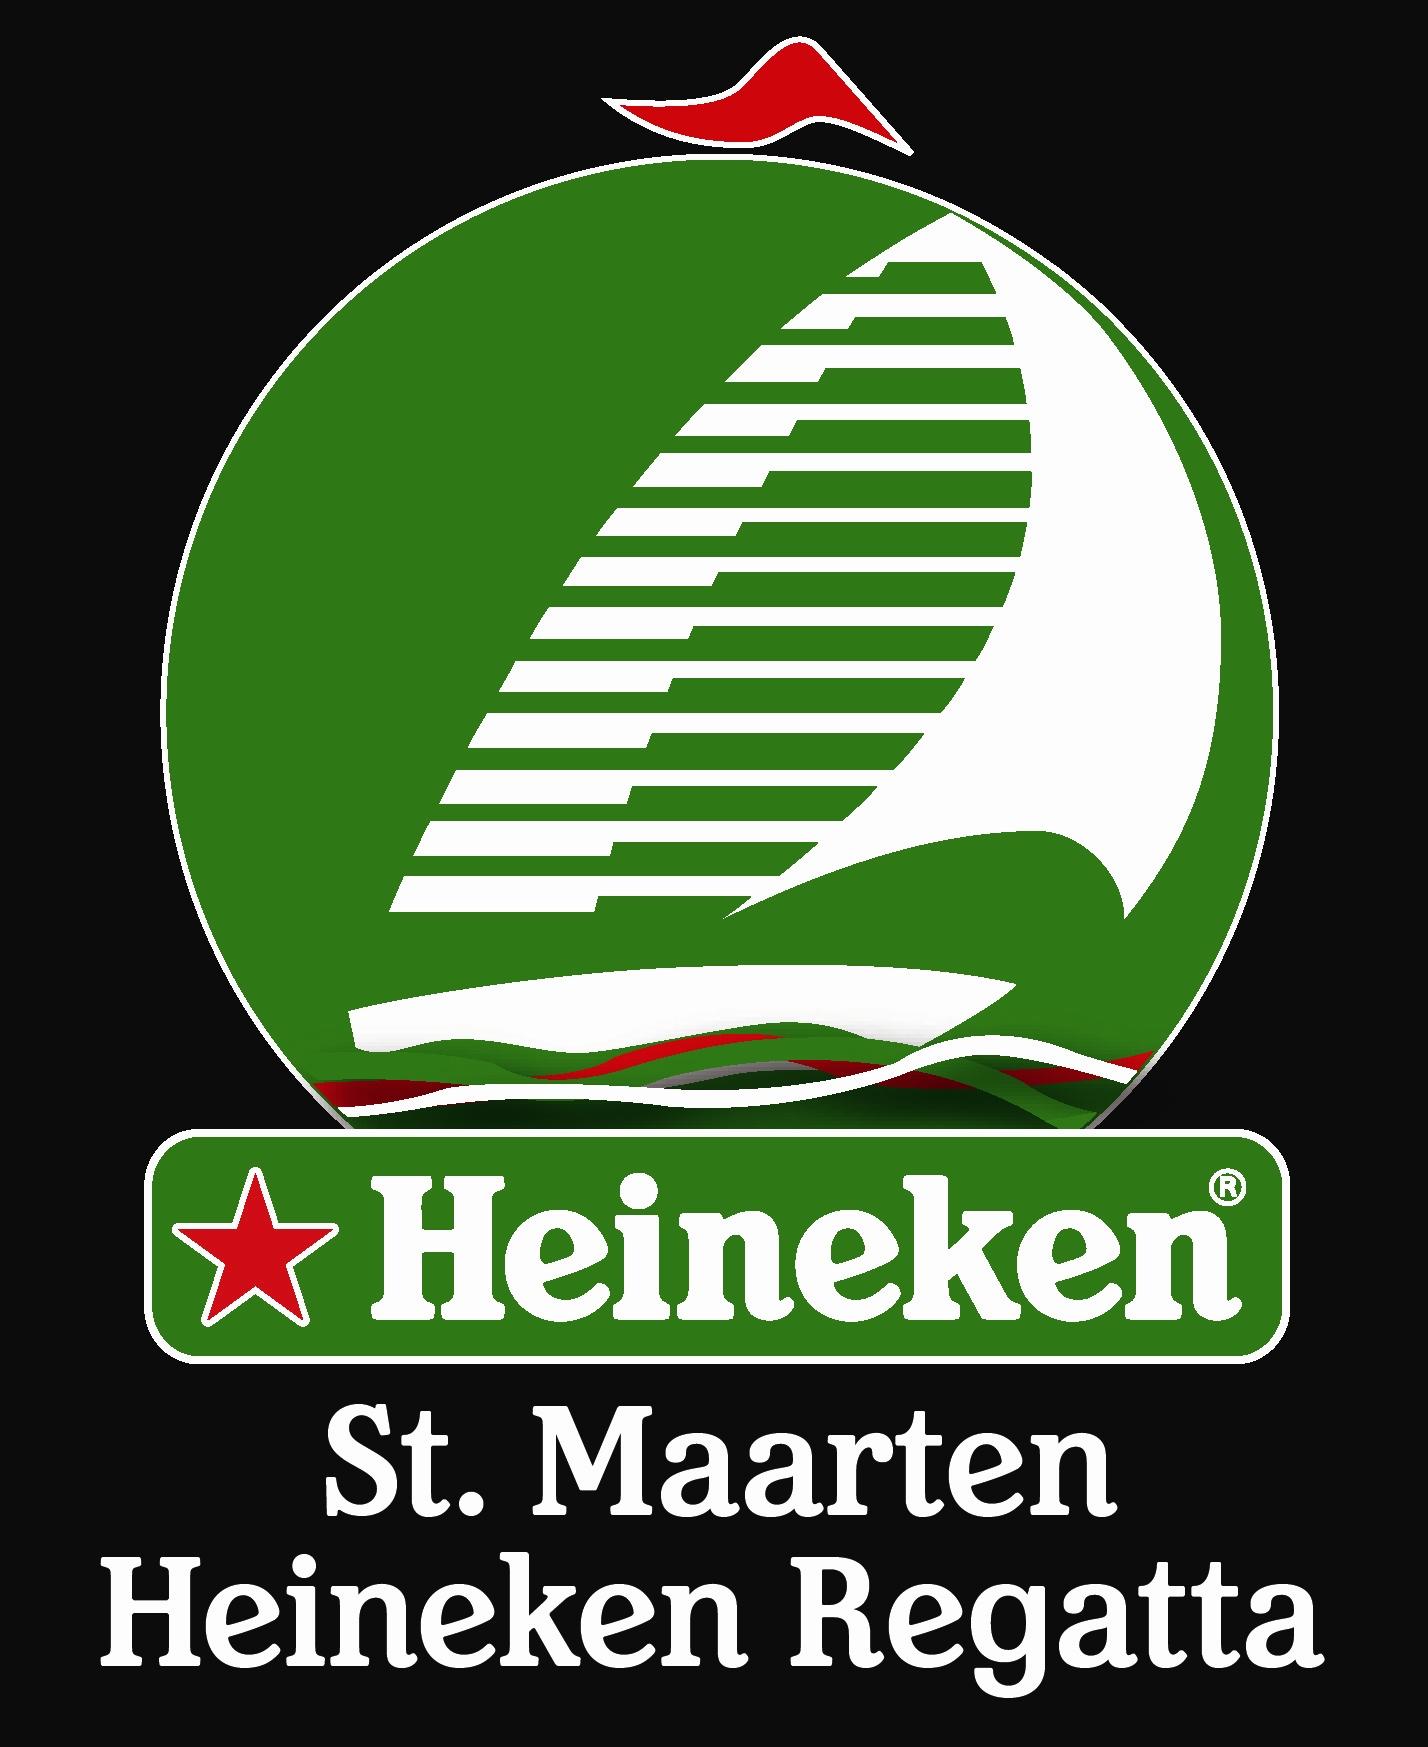 Heineken_Regatta_logo_black